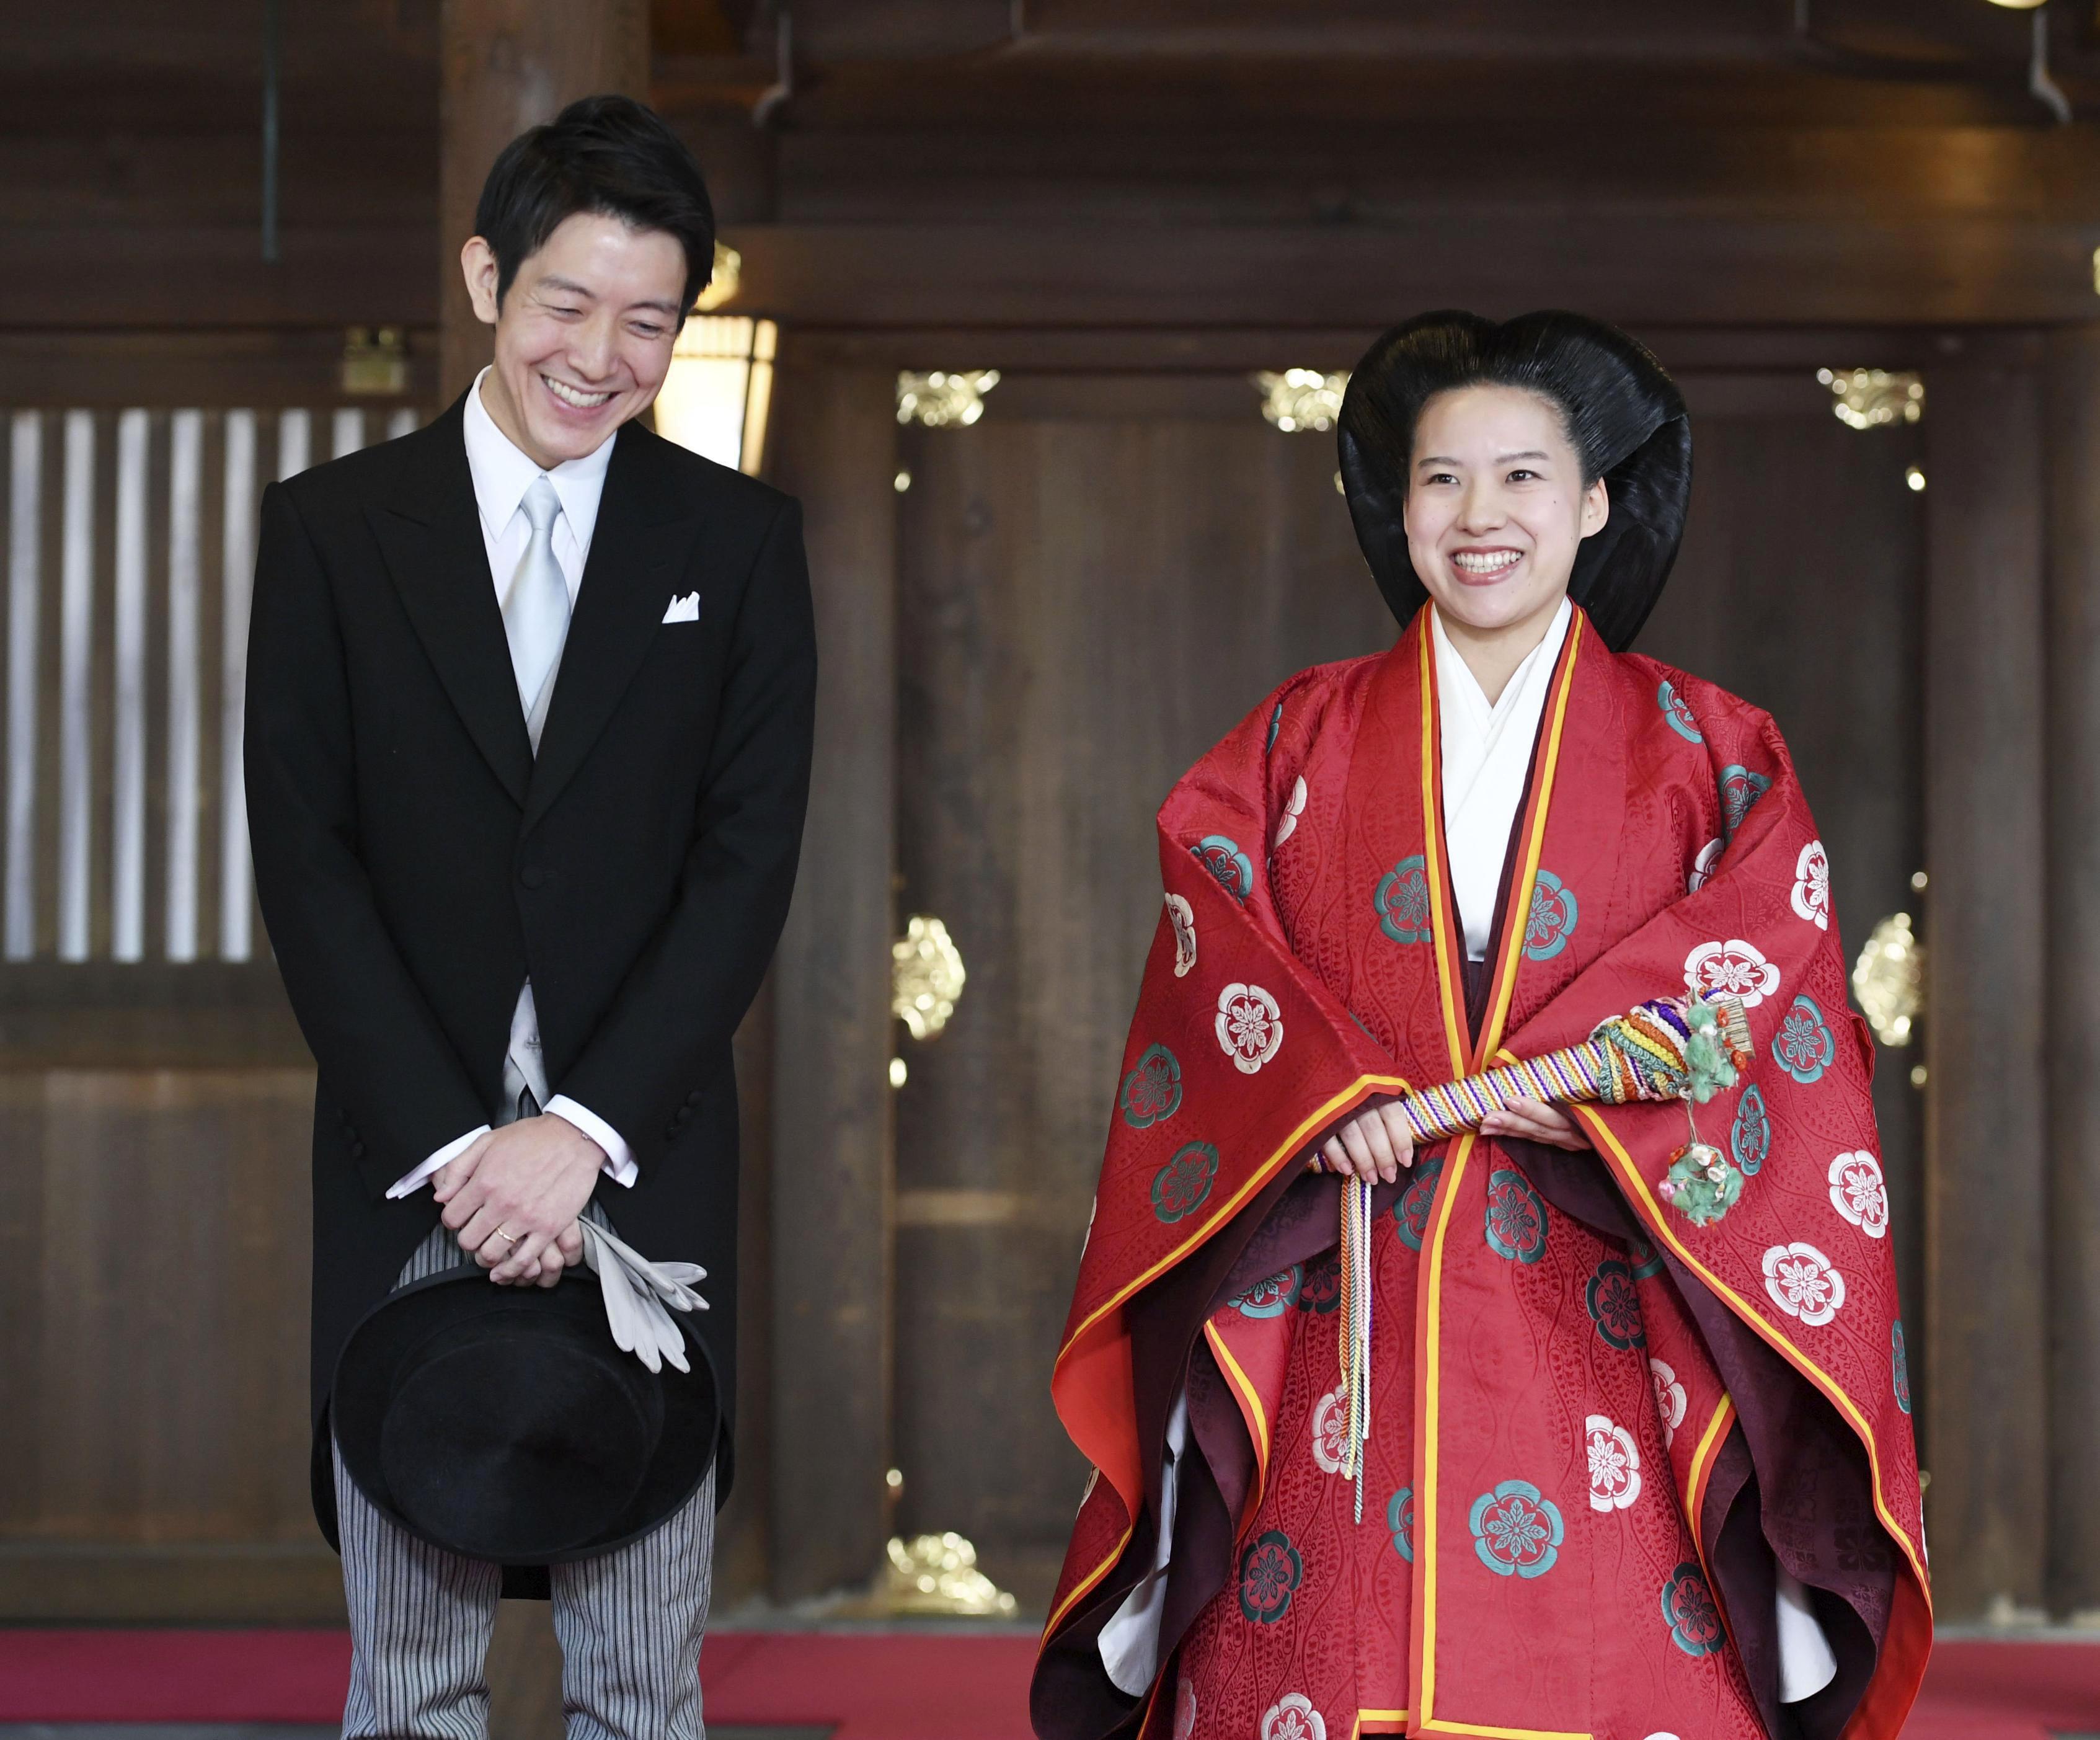 Japanese Princess Ayako Marries Commoner Kei Moriya At Meiji Shrine